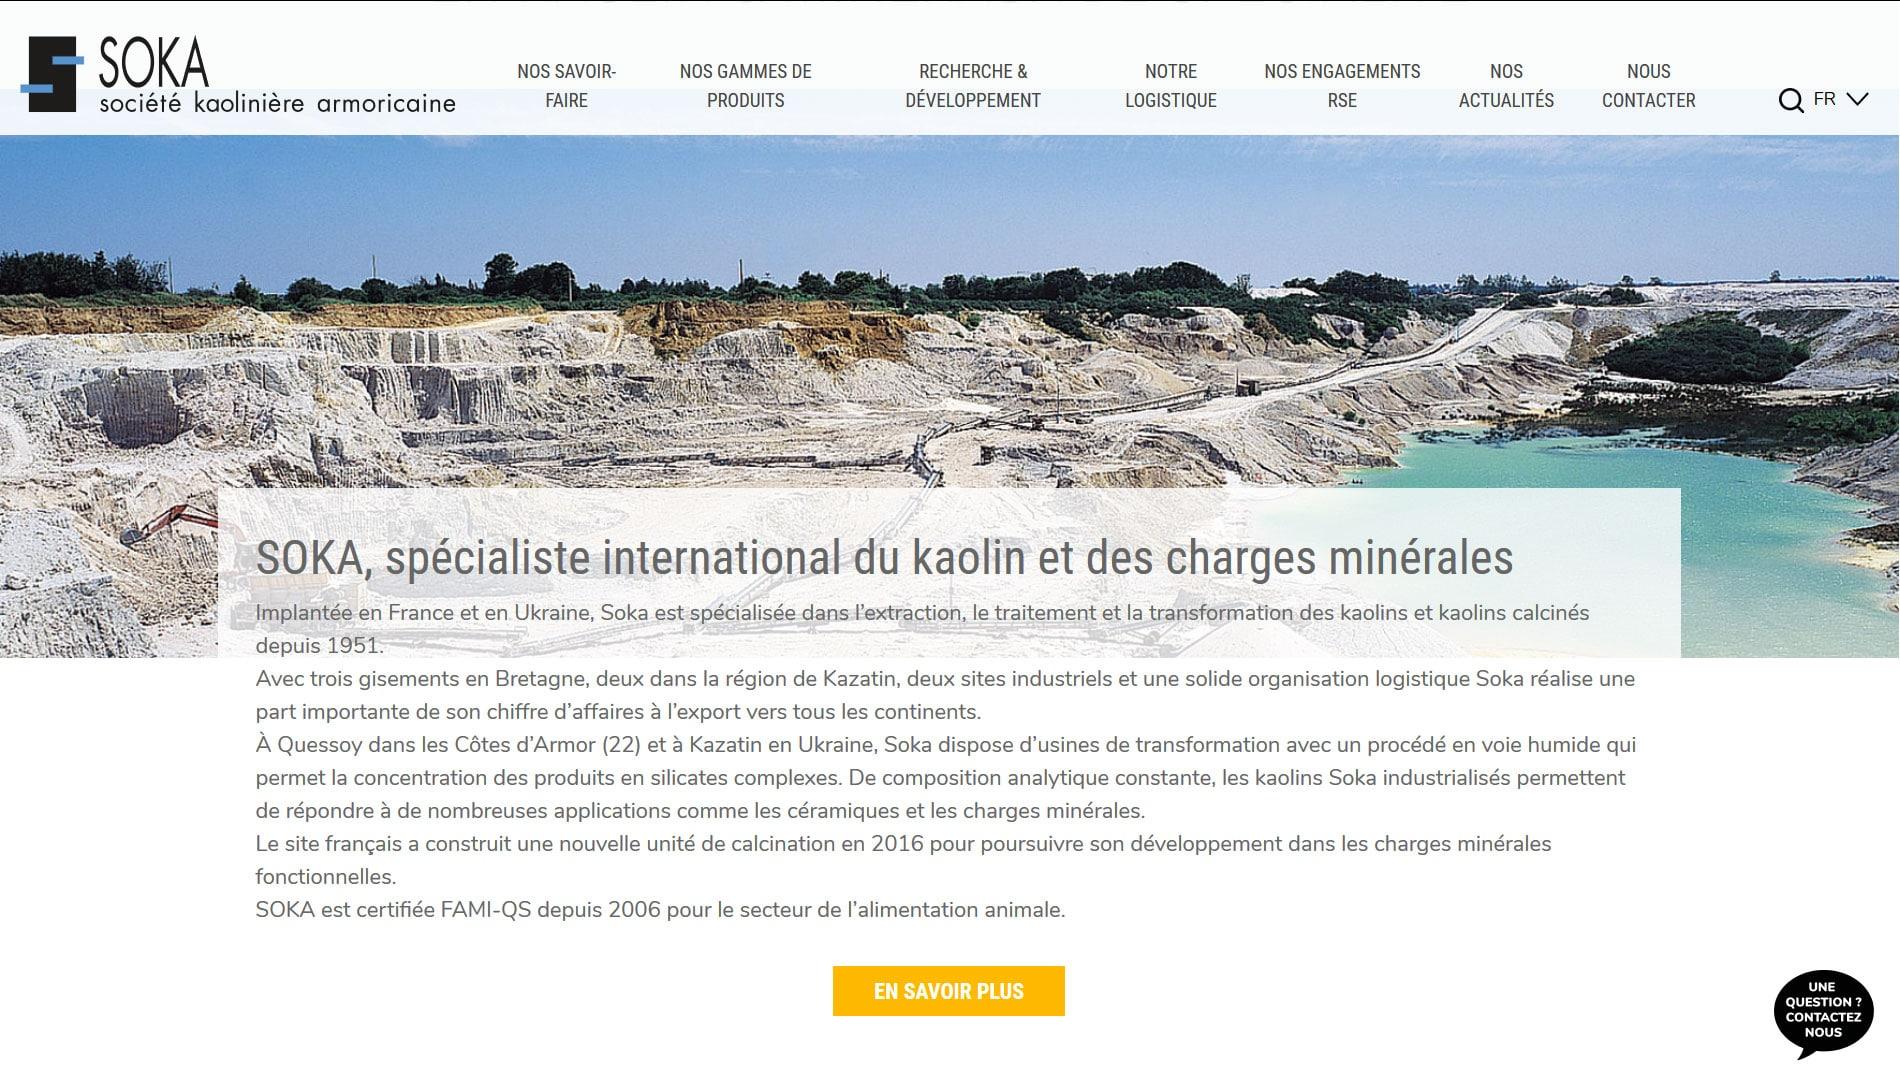 création des pages du site internet Soka spécialisée dans le kaolin en Bretagne